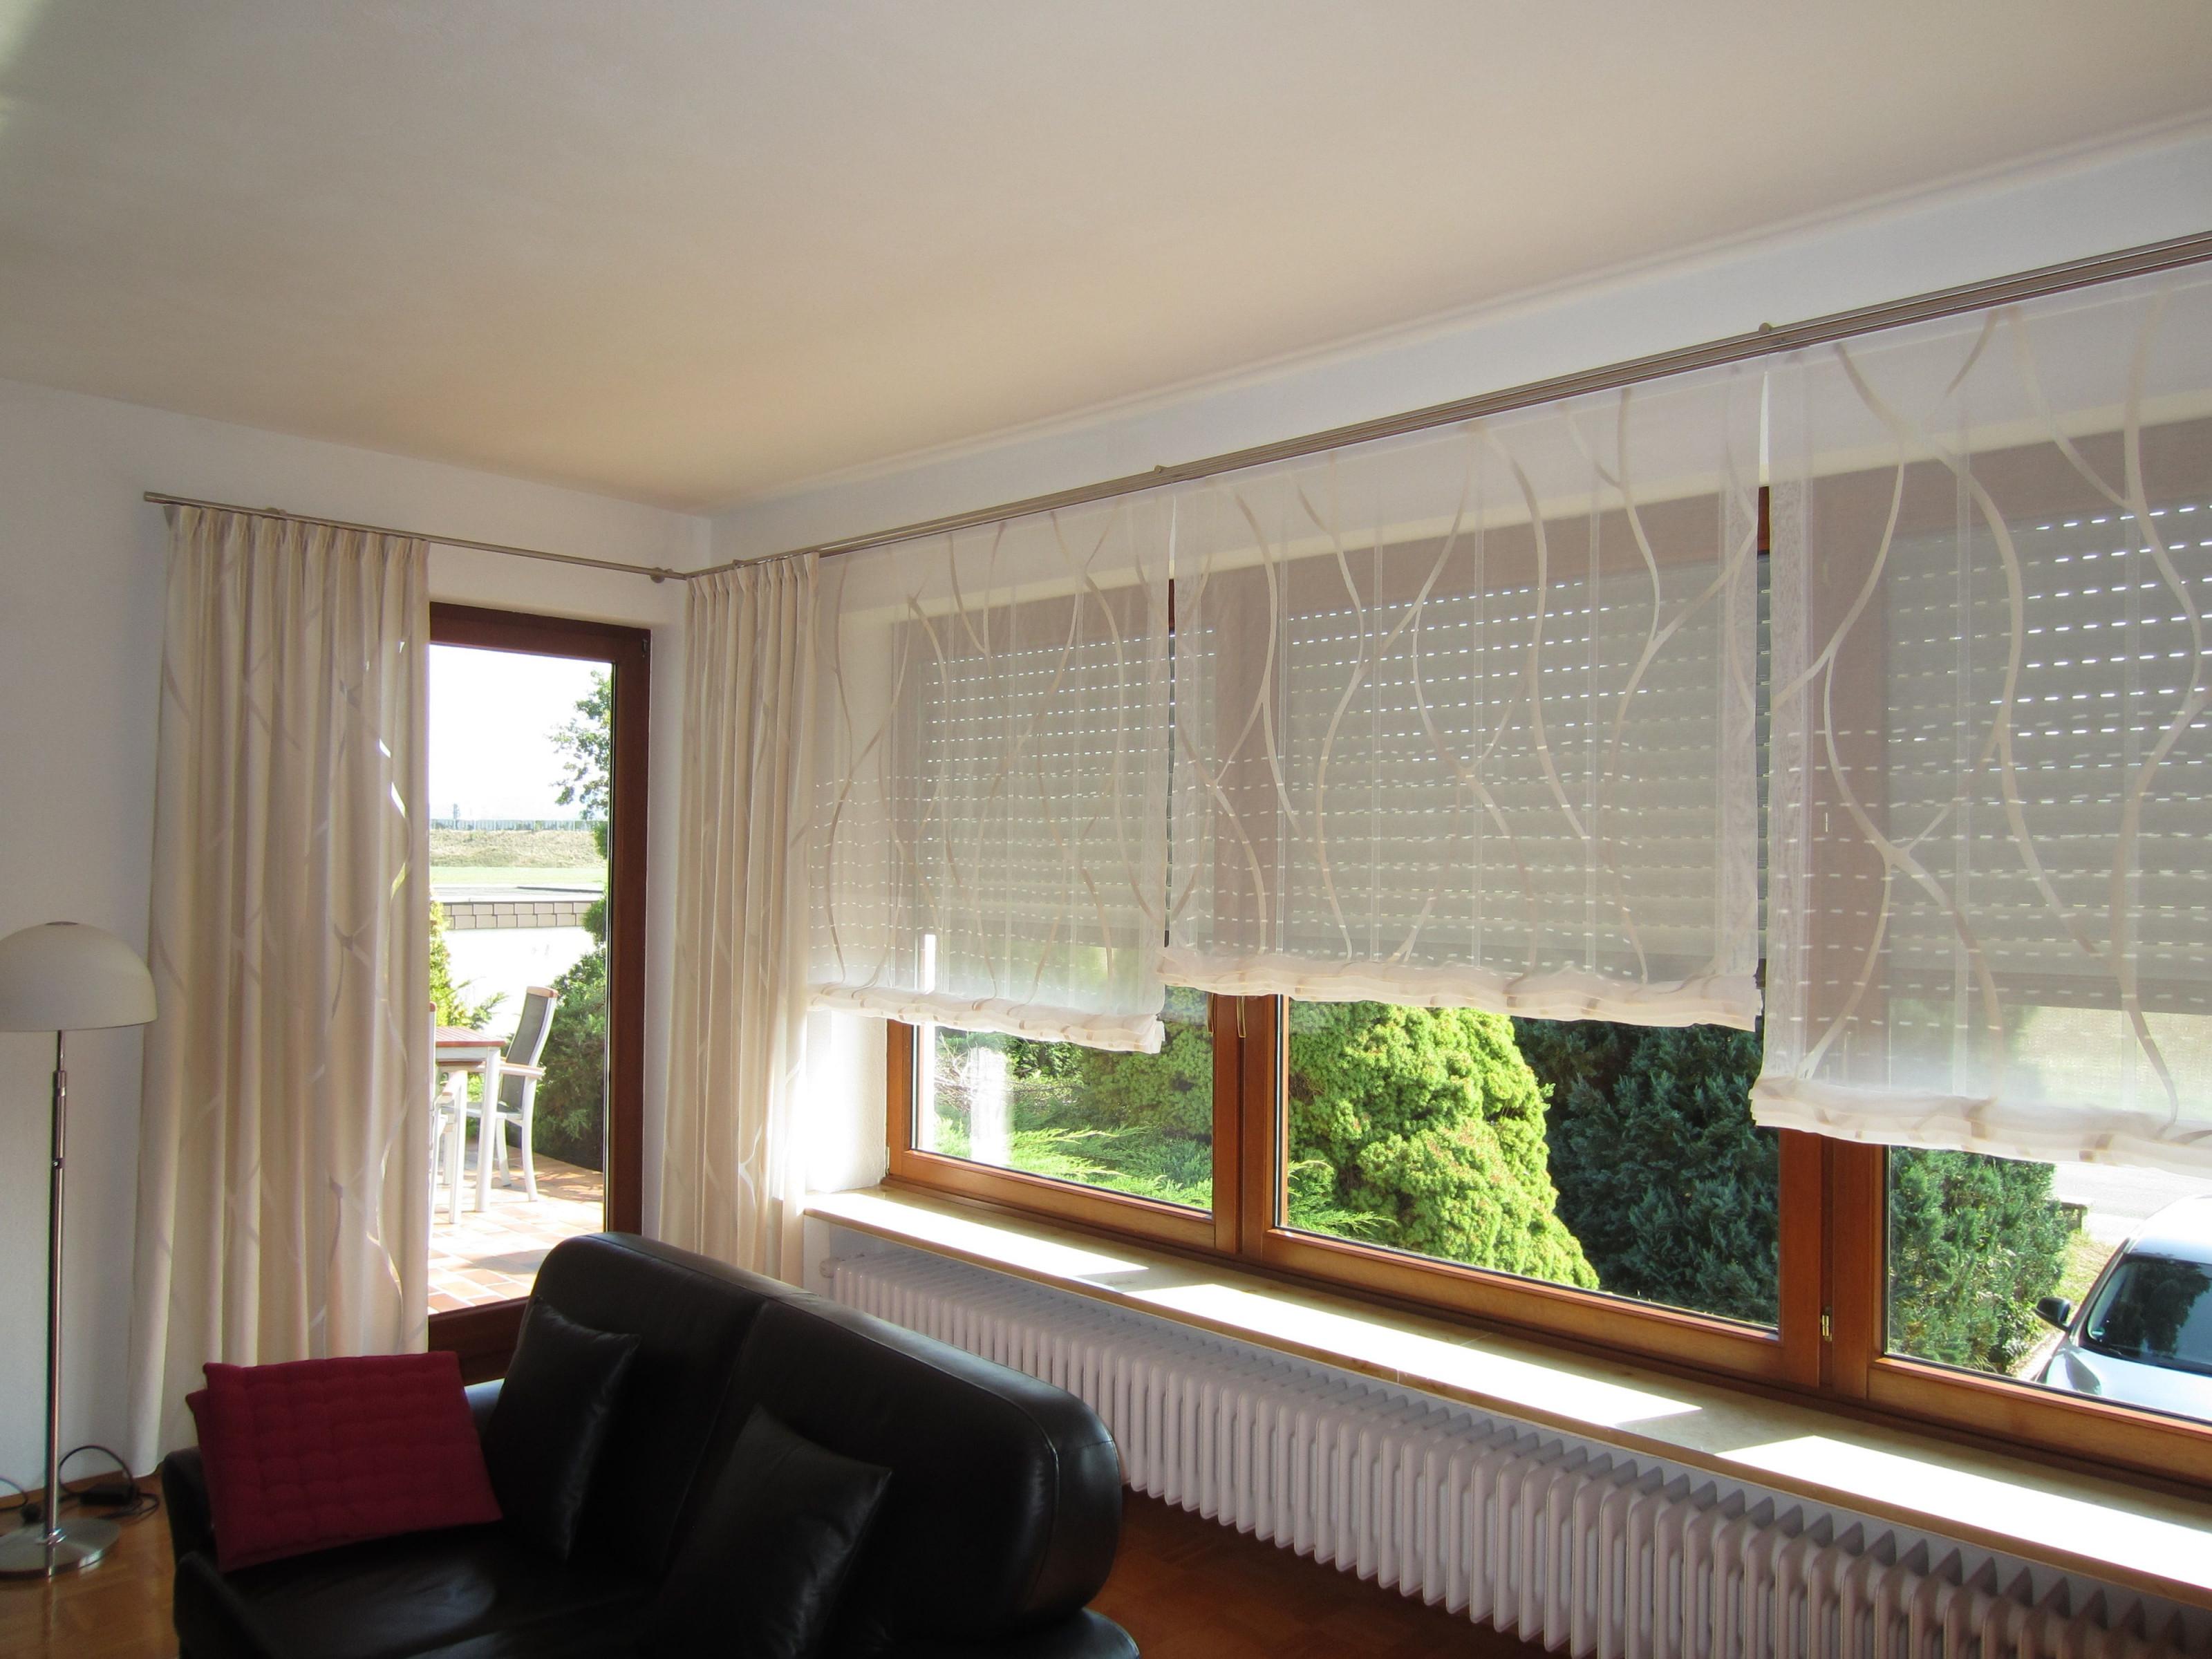 Gardinen  Vorhänge Für Die Kreise Lichtenfels Kulmbach von Gardinen Für Wohnzimmer Große Fenster Bild